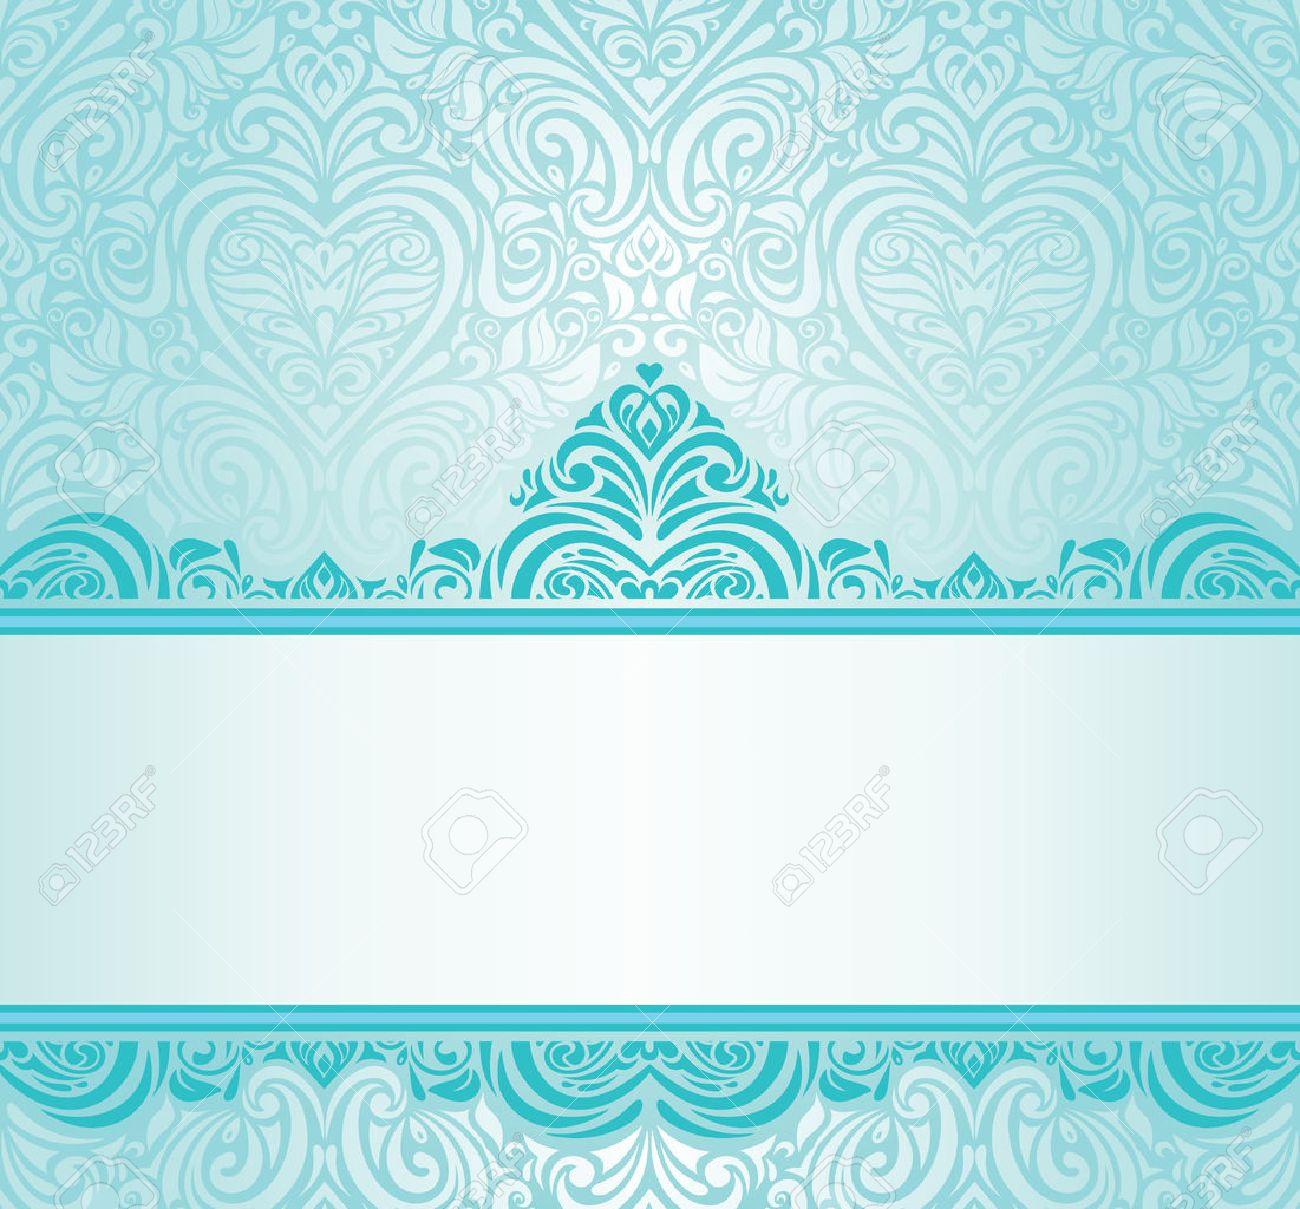 Hochzeit Vintage Turkis Einladung Design Mit Blau Grunen